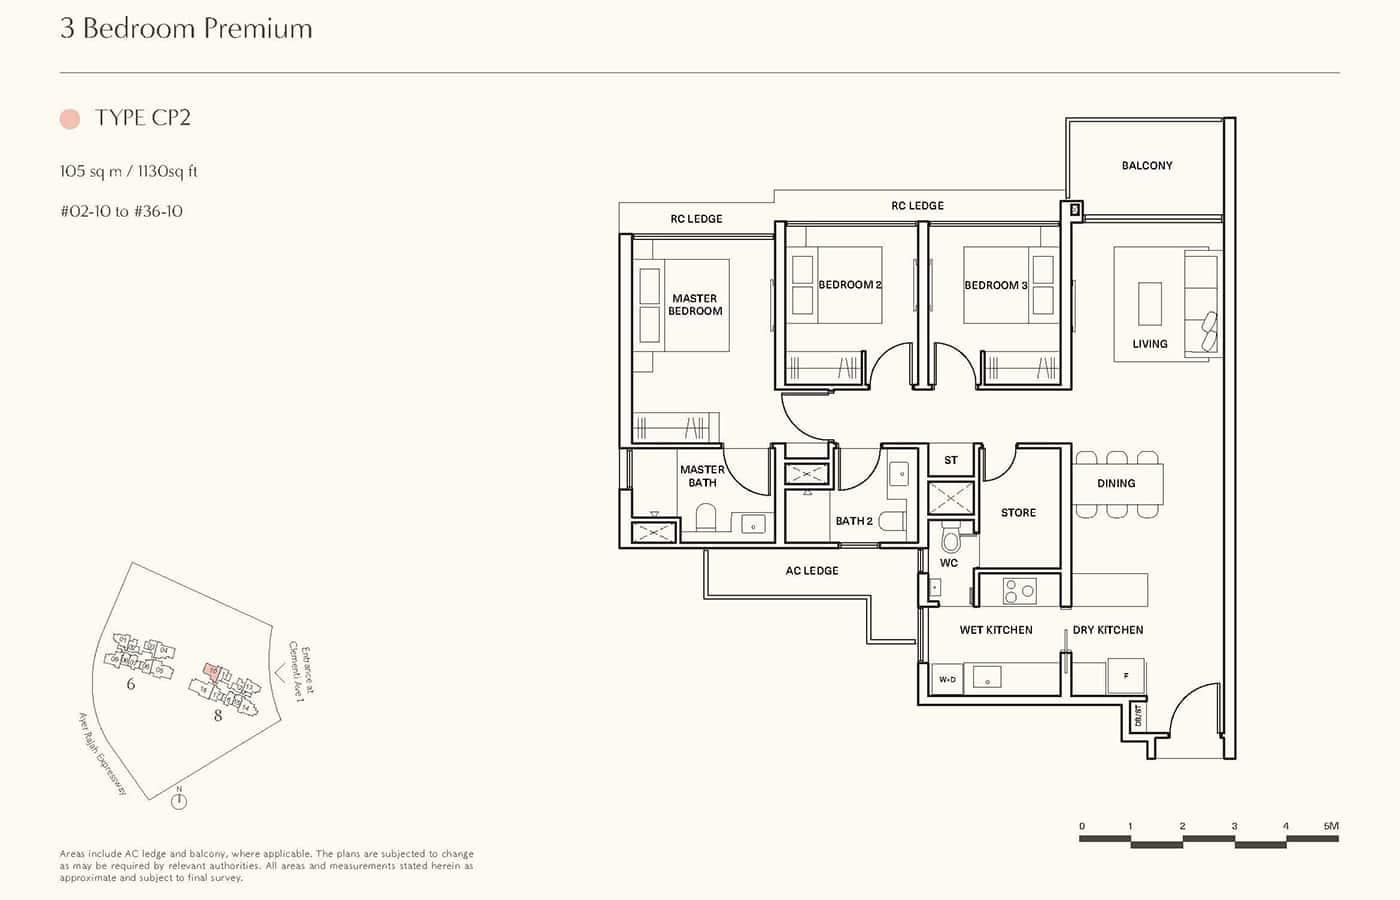 Clavon Condo Floor Plans - 3 Bedroom Premium CP2